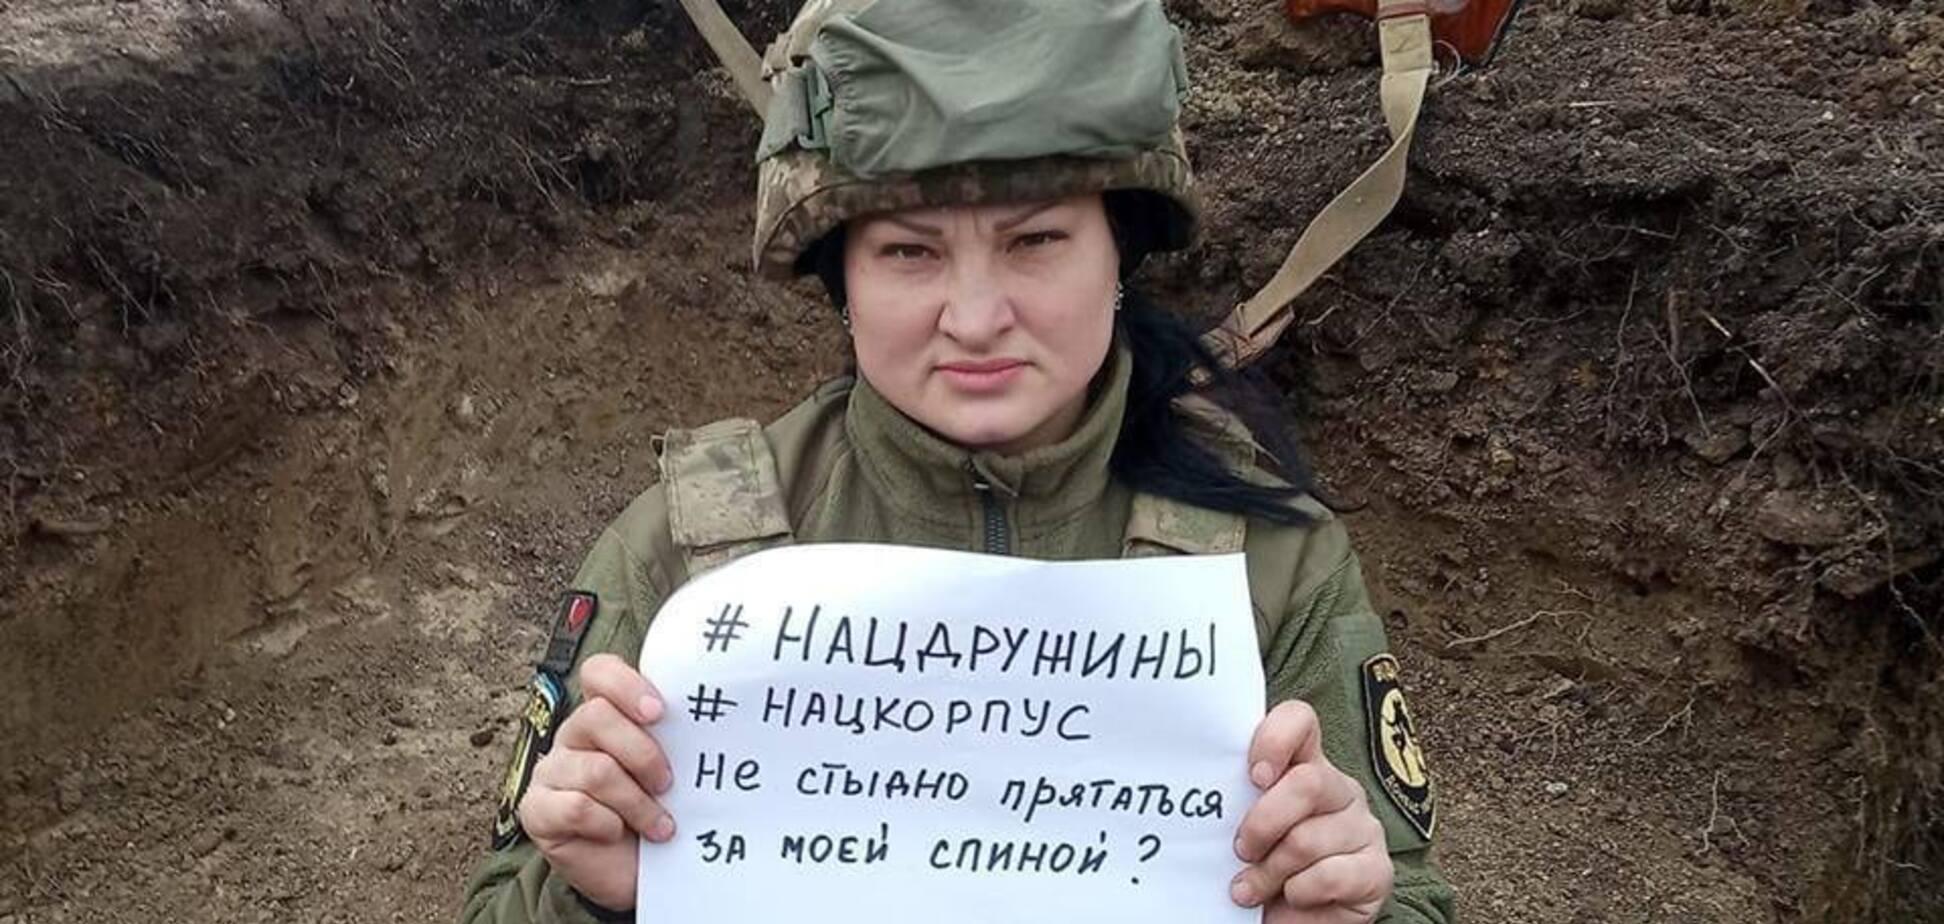 'С*ки! Сюда бы их!' Опубликовано последнее послание к украинцам от погибшей на Донбассе 'Ведьмы'